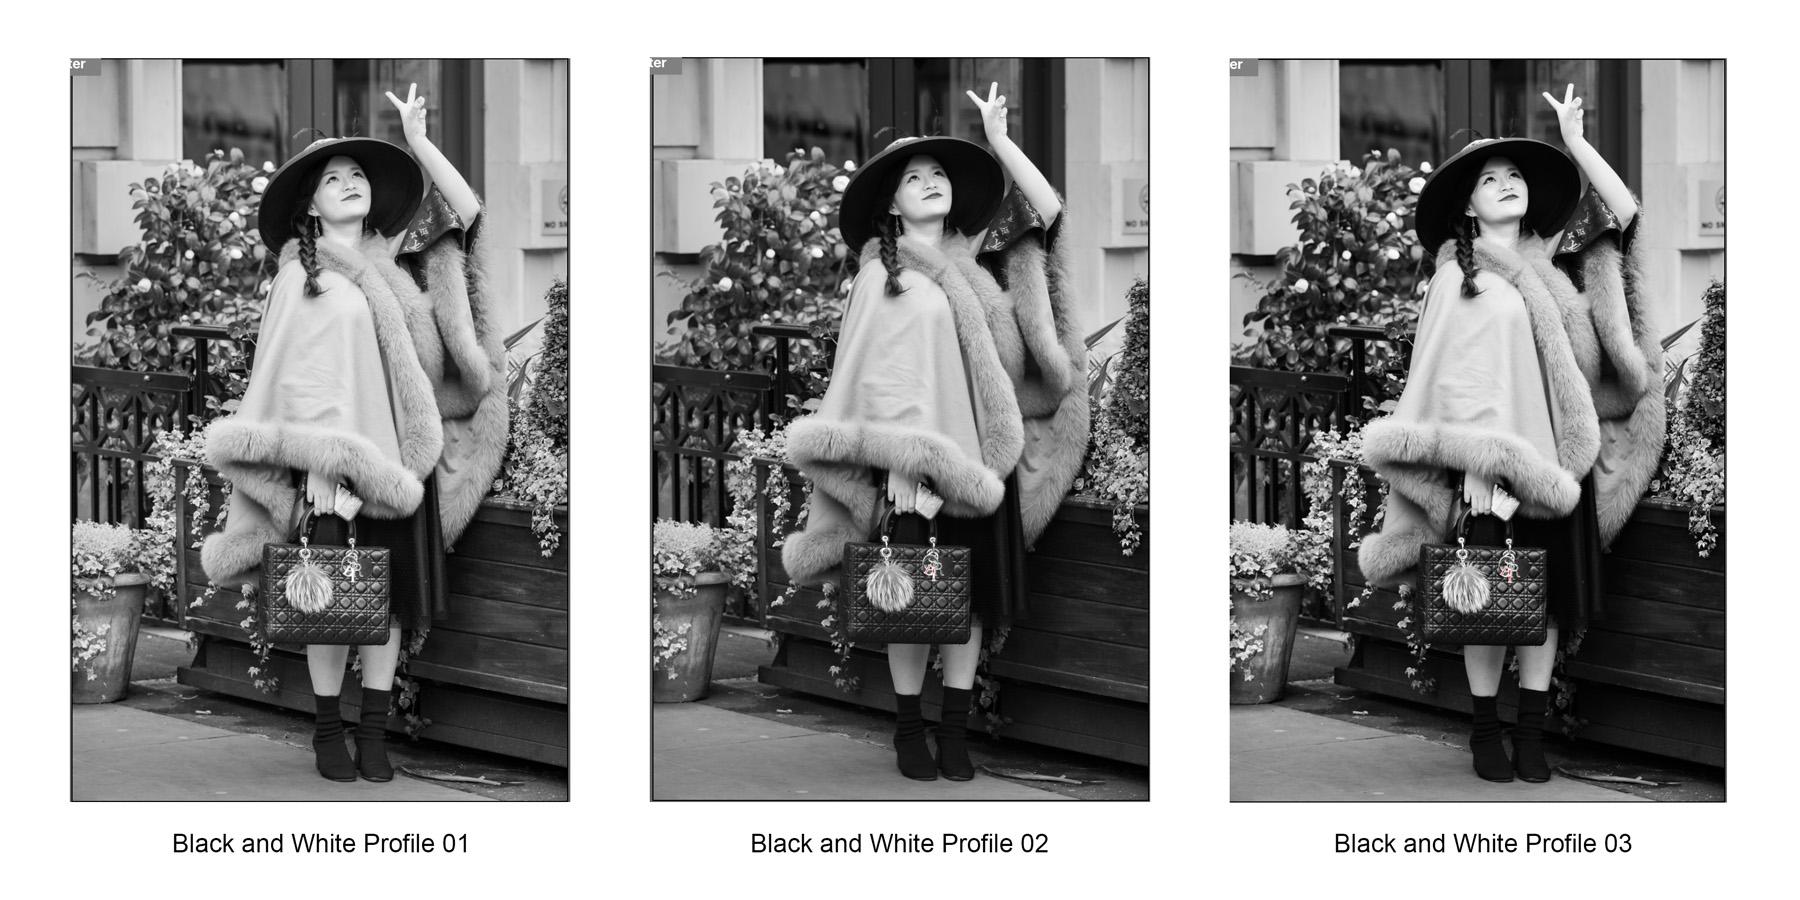 Adobe Camera Raw Monochrome Profiles 1-3